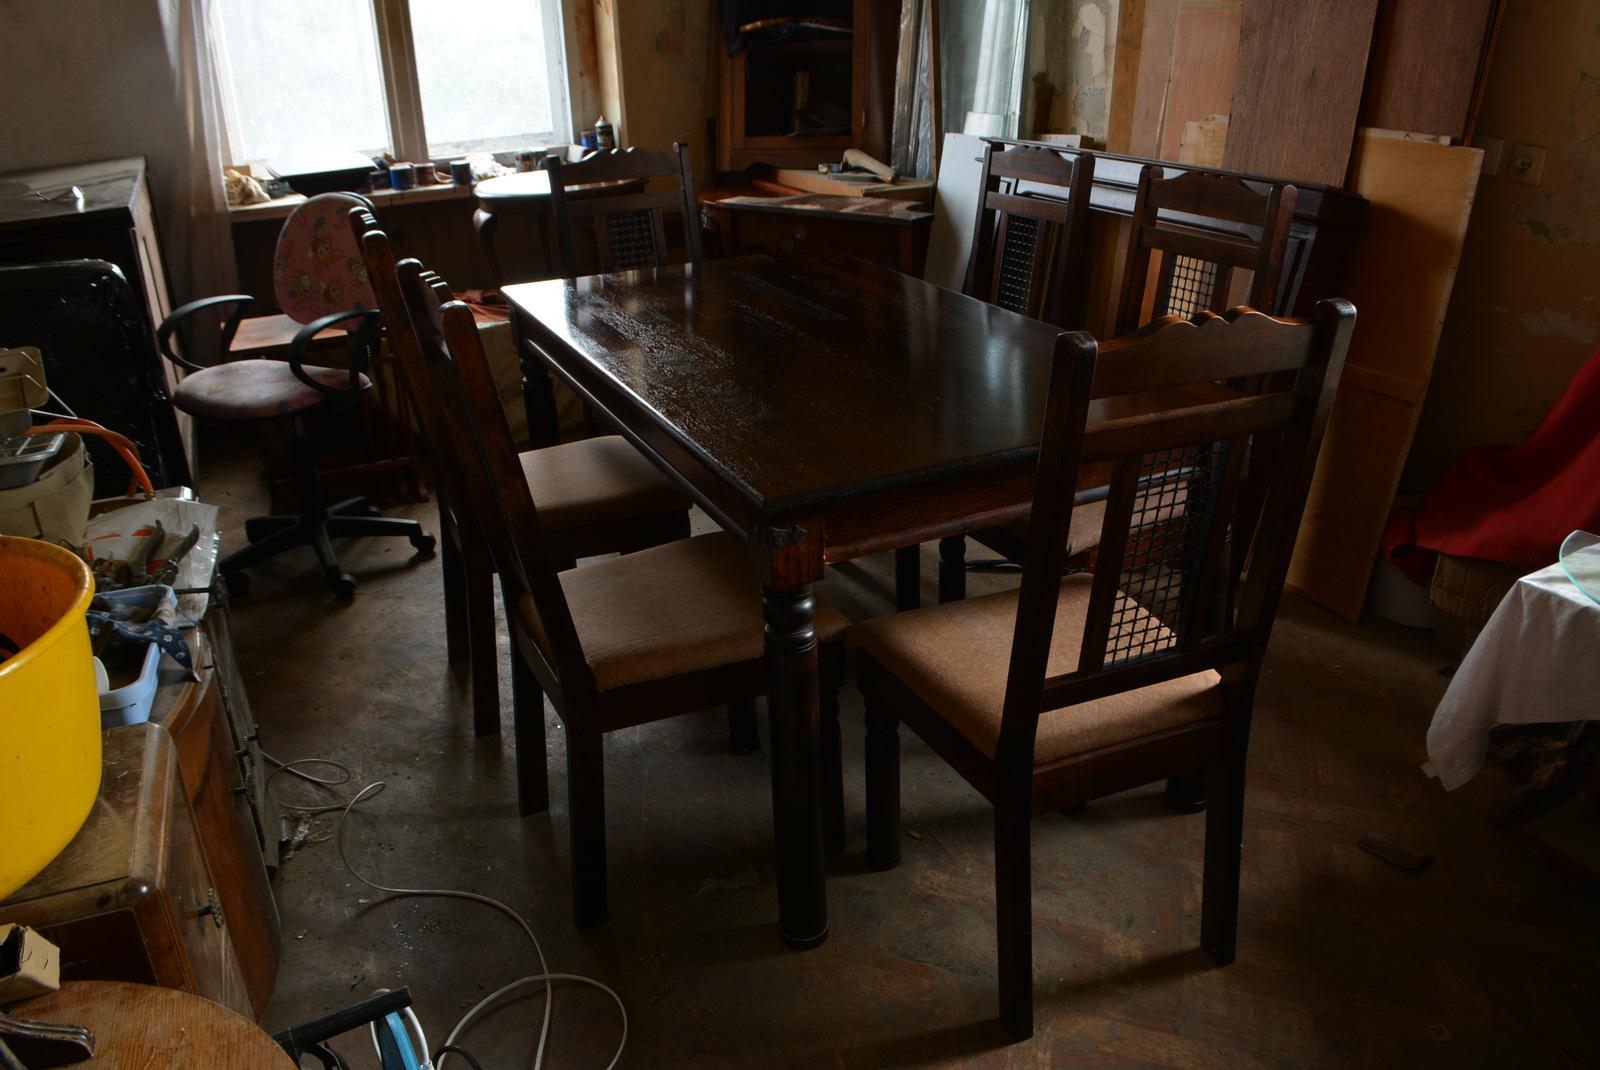 Piękny Stół Dębowy Z Krzesłami Komplet 7047456276 Oficjalne